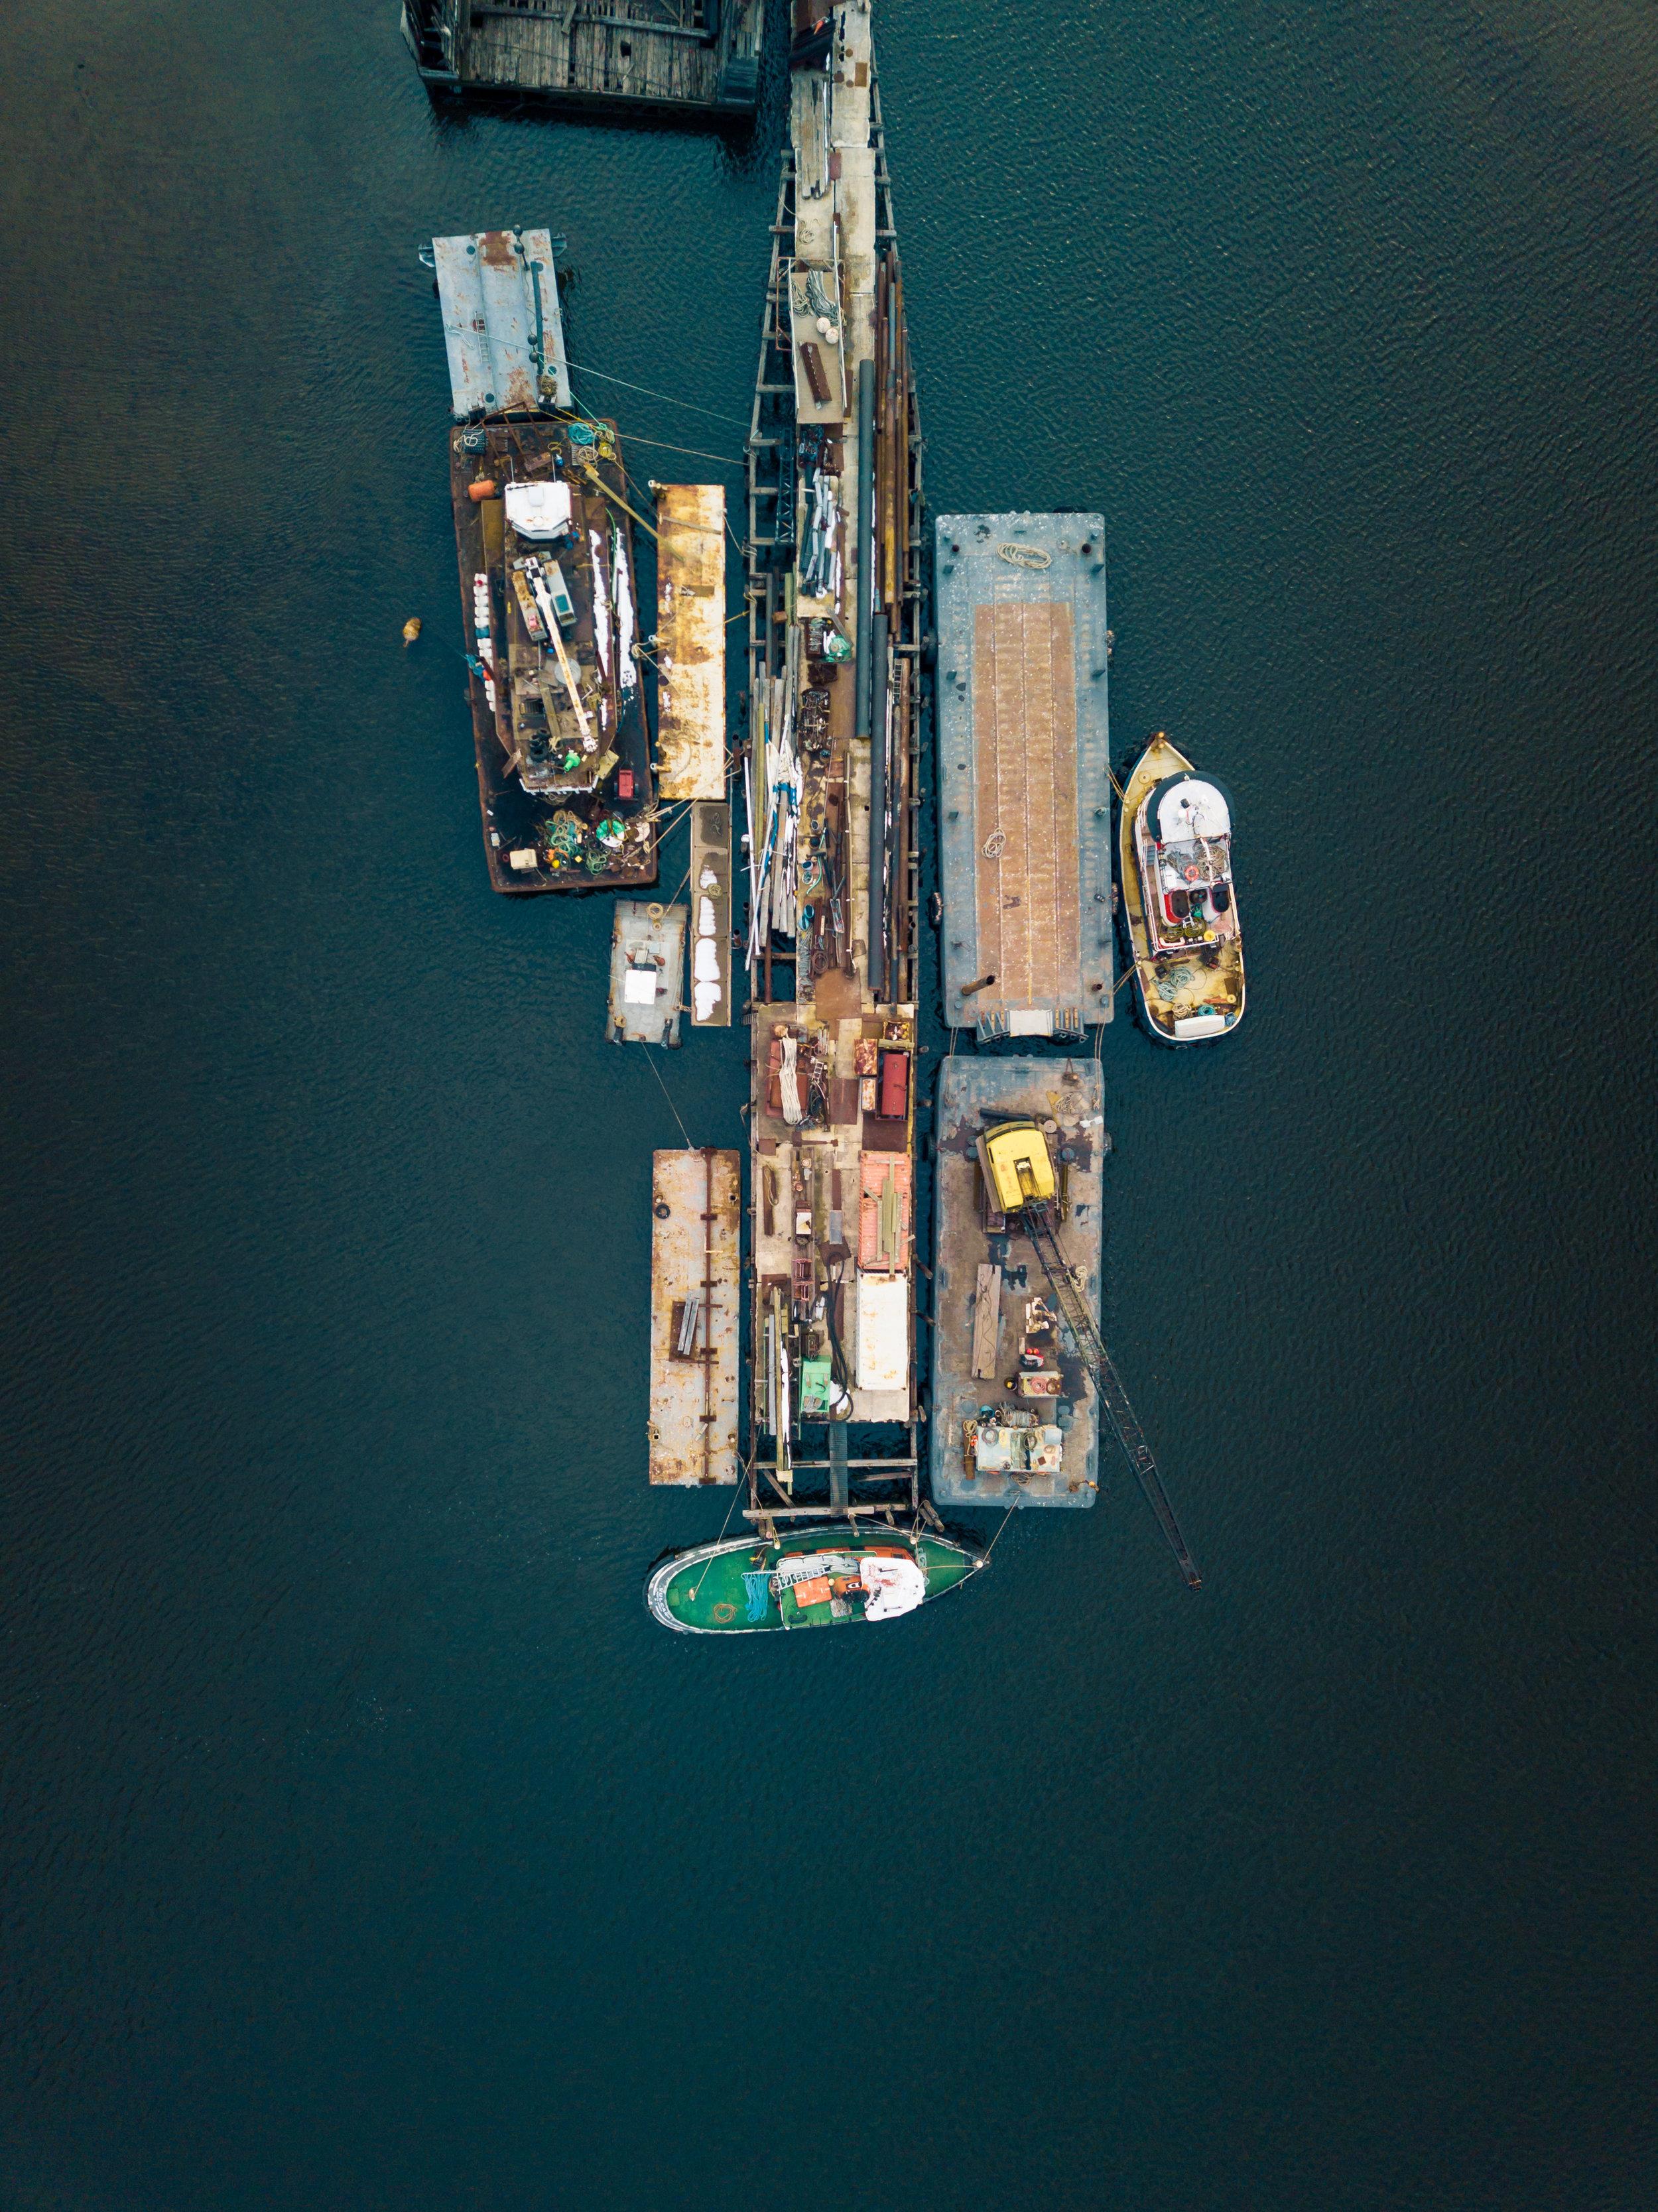 industrialboatdocks_typoland_aerial.jpg